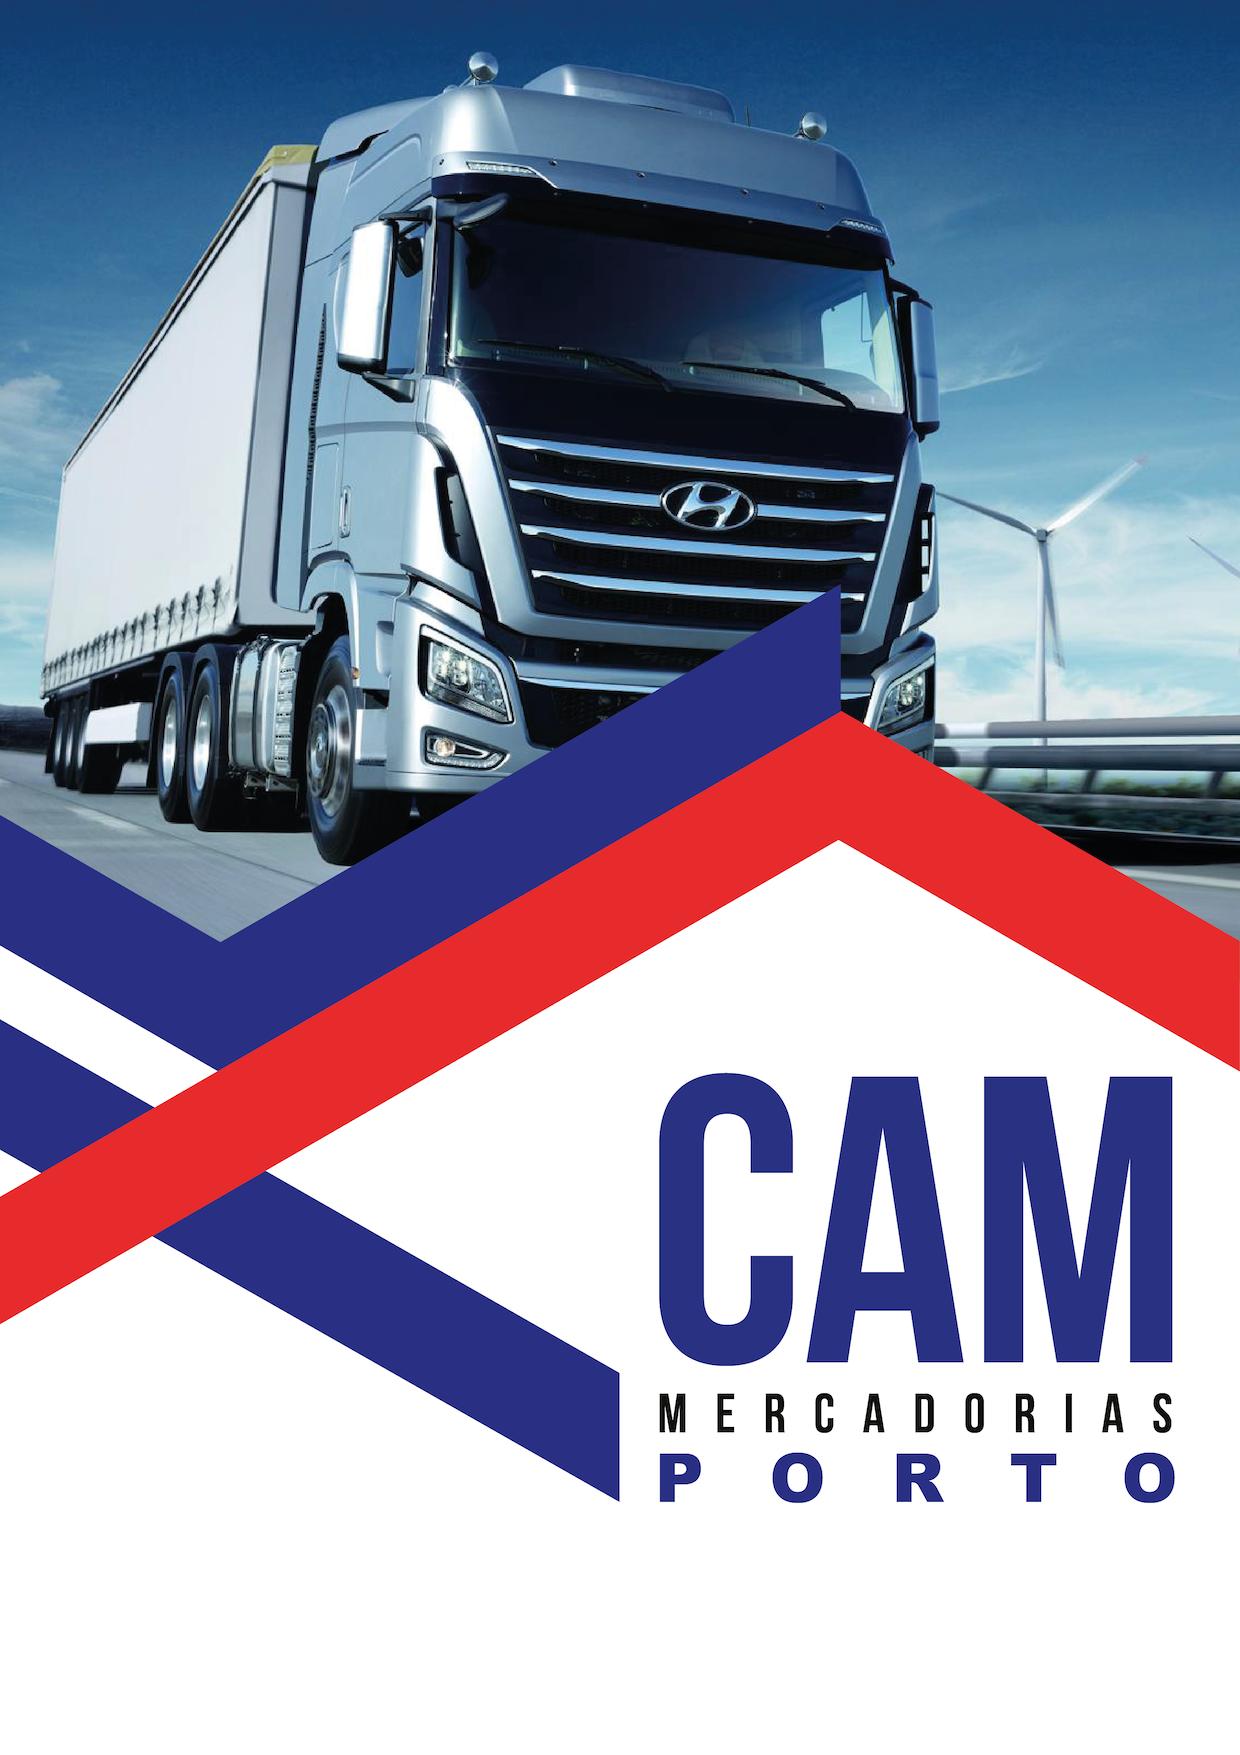 21/01 CAM FIA M - Porto